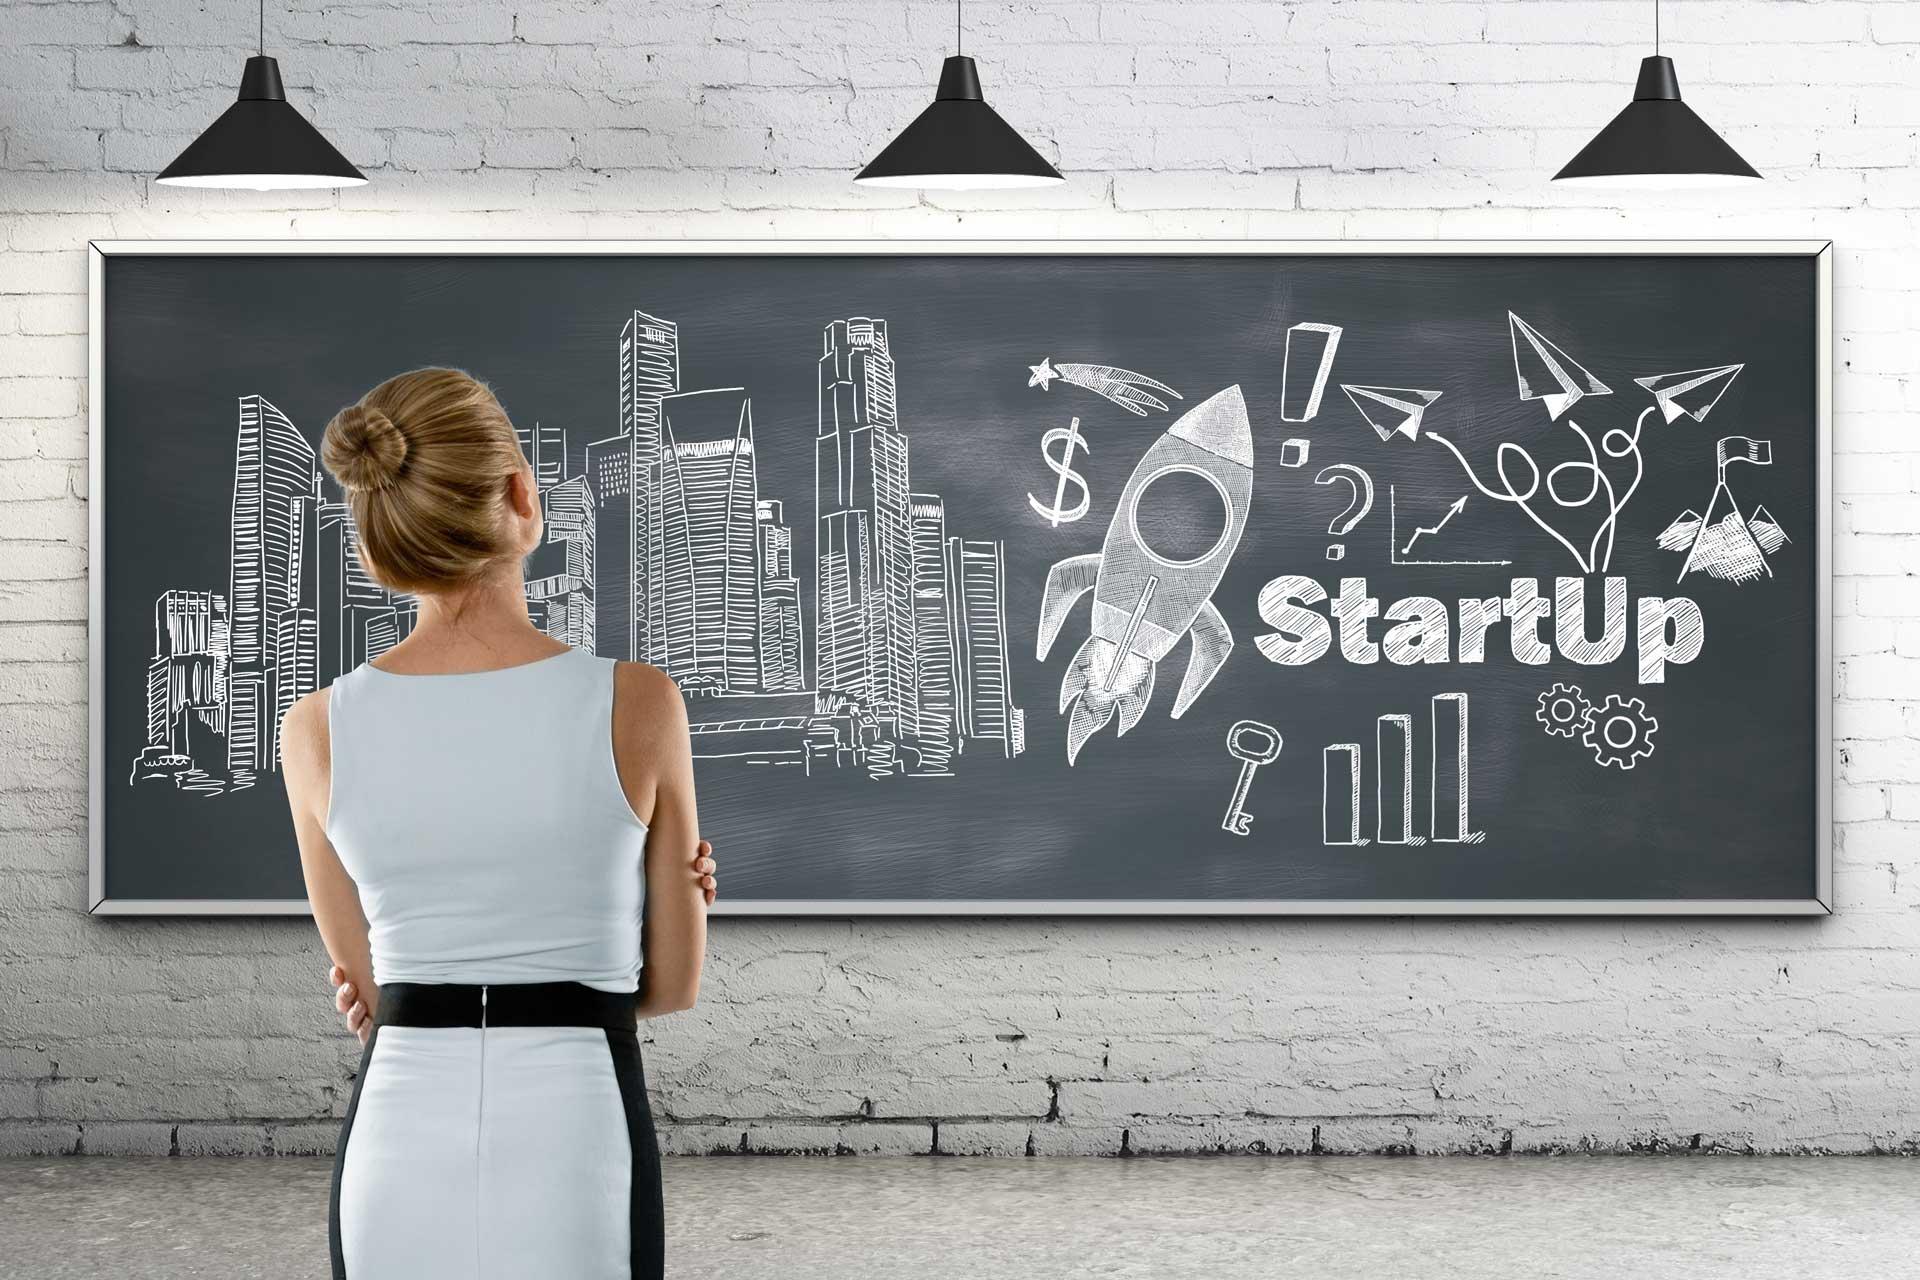 image de fond pourquoi avoir un site internet. une jeune femme blonde regarde un tableau en ardoise avec des dessins lier au mot star-up